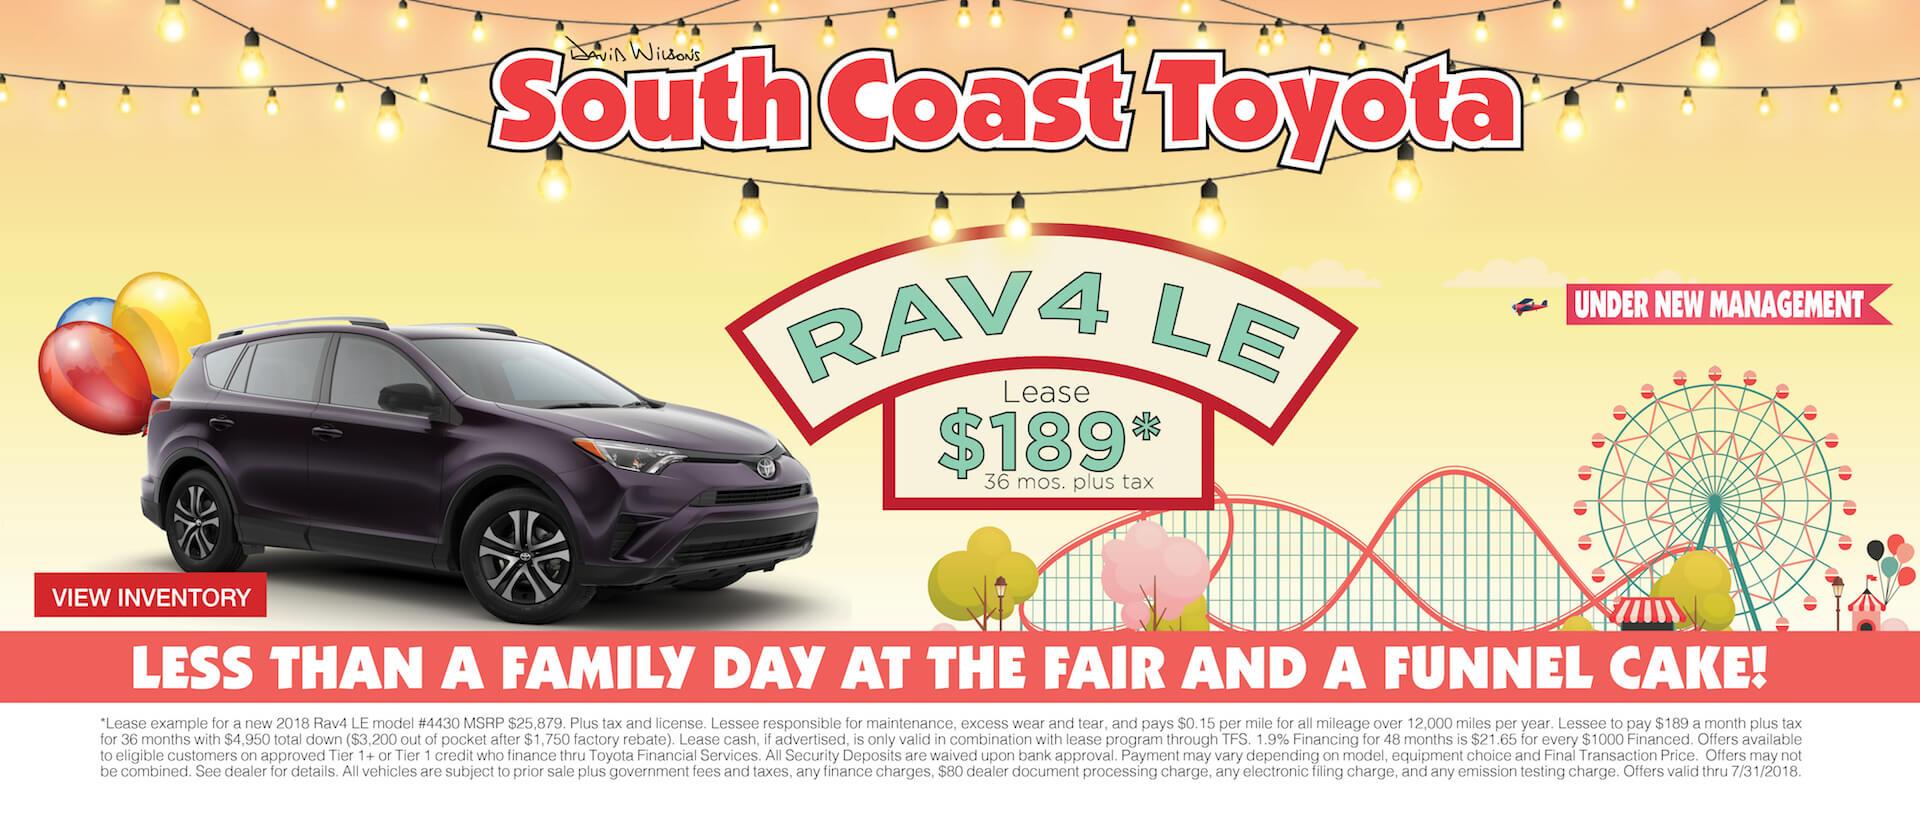 Memorial Day Toyota RAV4 $189 Lease